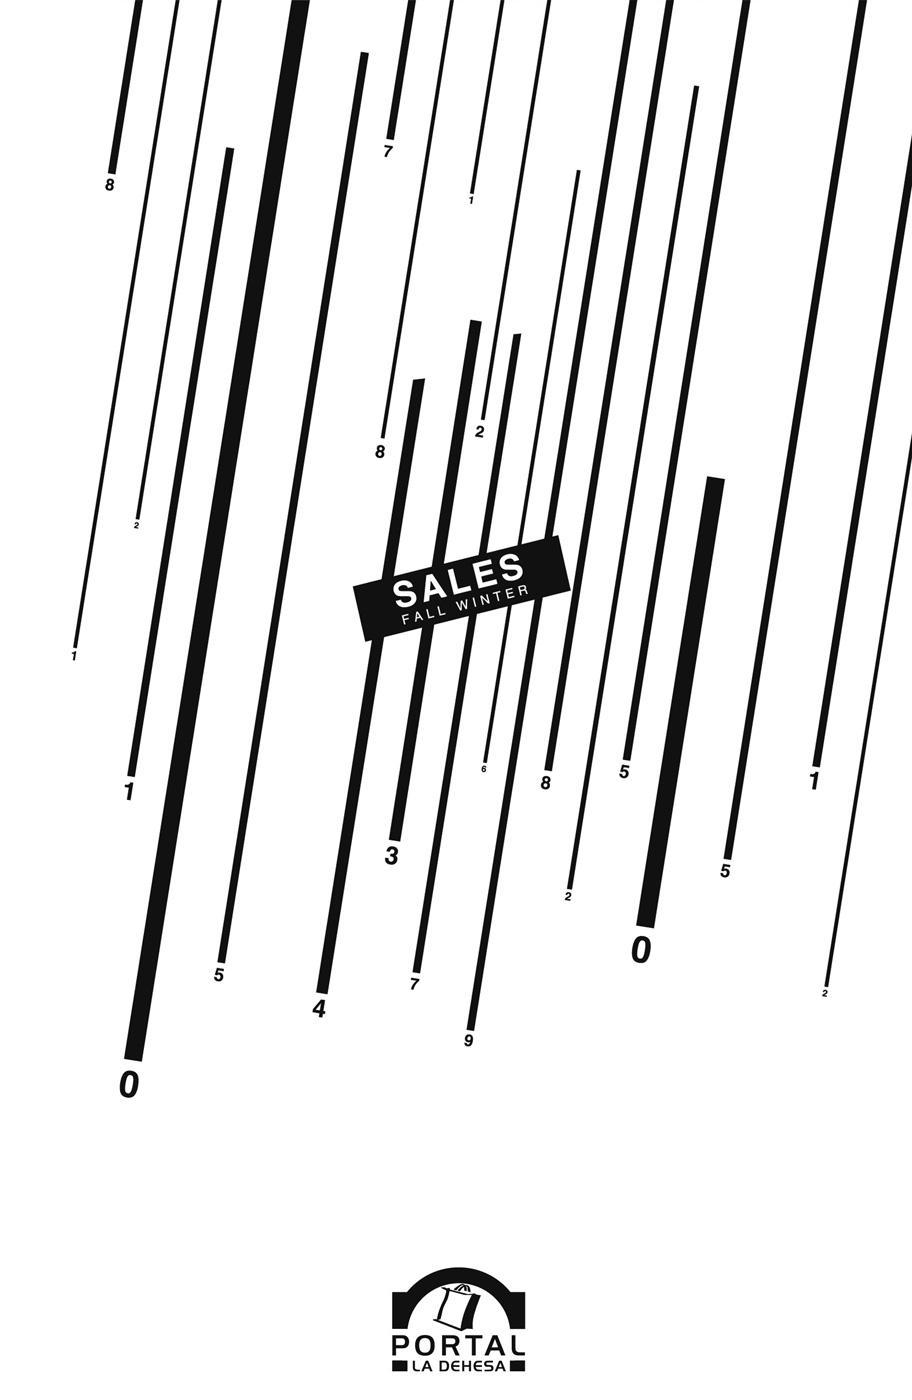 Portal La Dehesa Print Ad -  Barcode